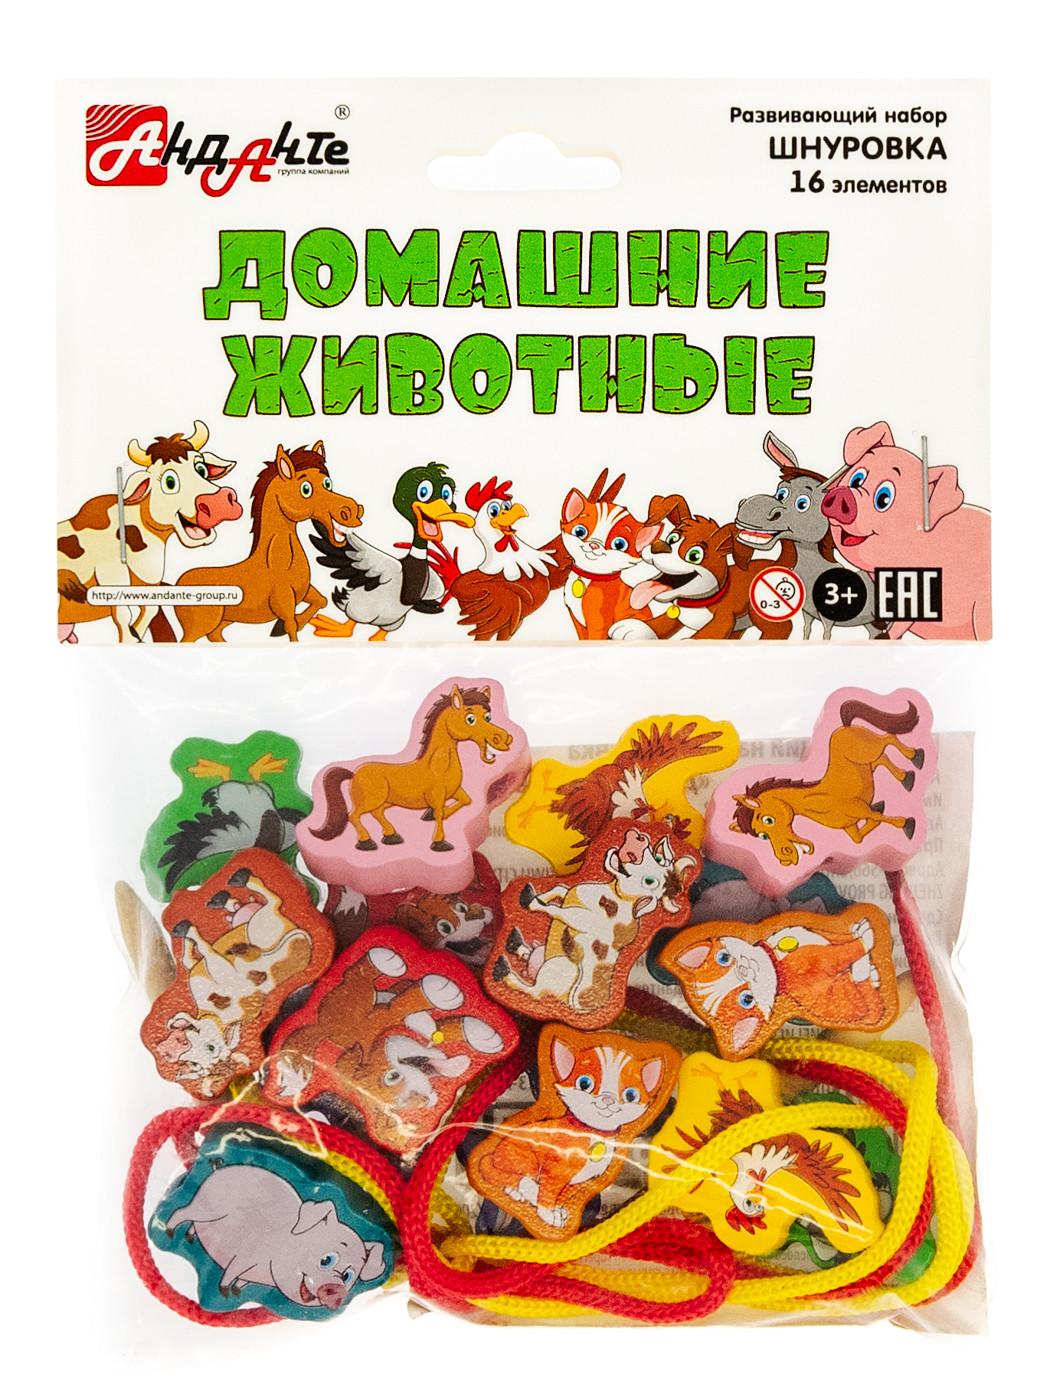 Домашние животные. Развивающий набор шнуровка. 16 эл-в